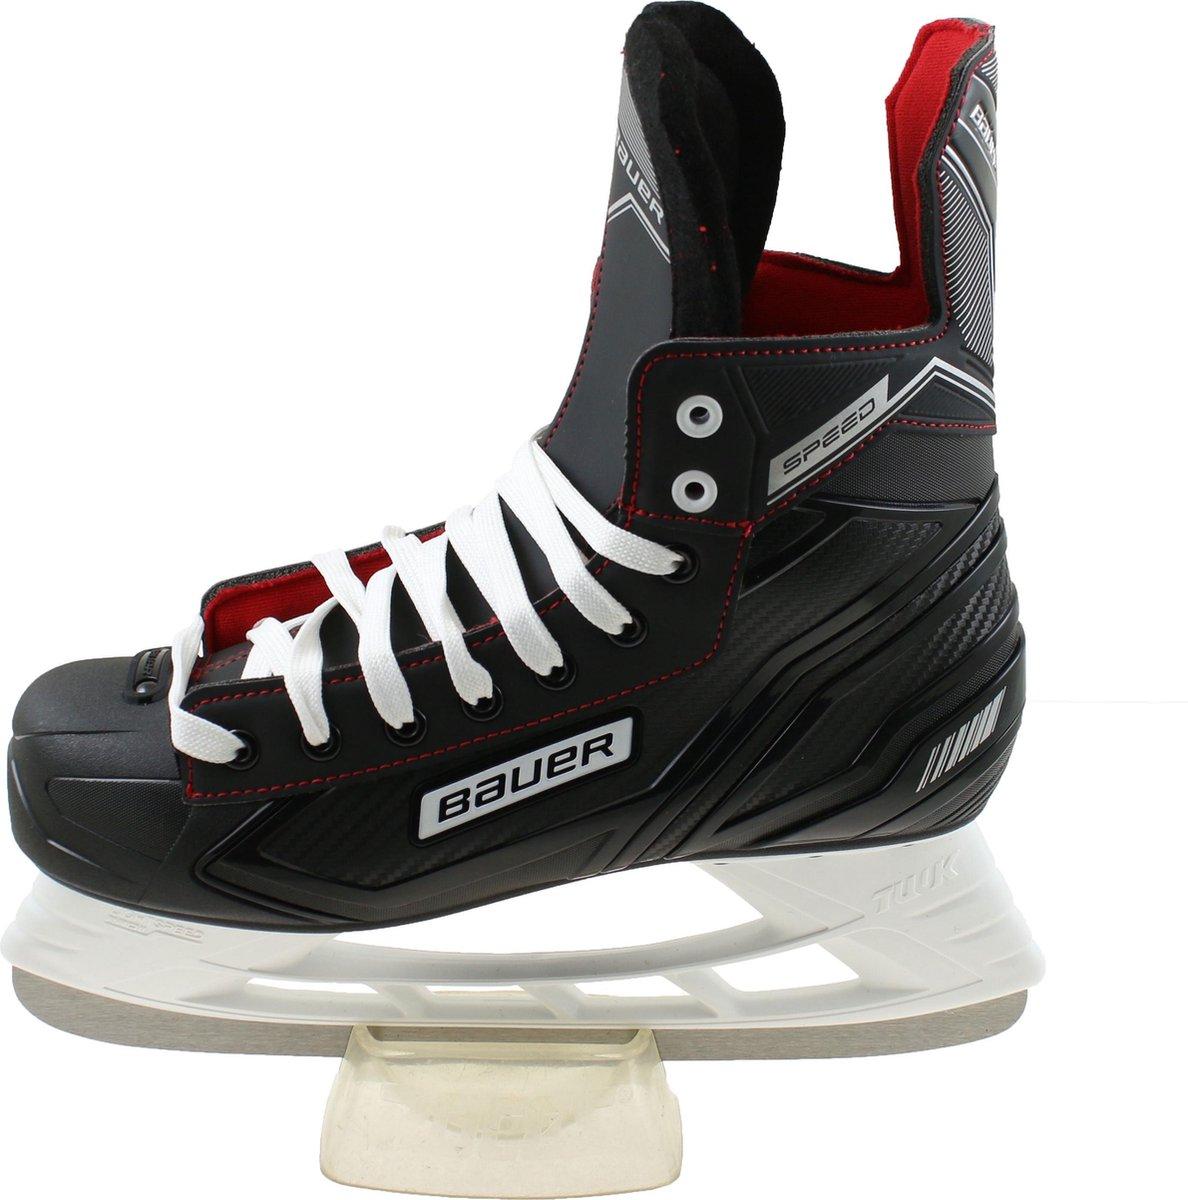 Bauer speed ijshockeyschaatsen junior in de kleur zwart.